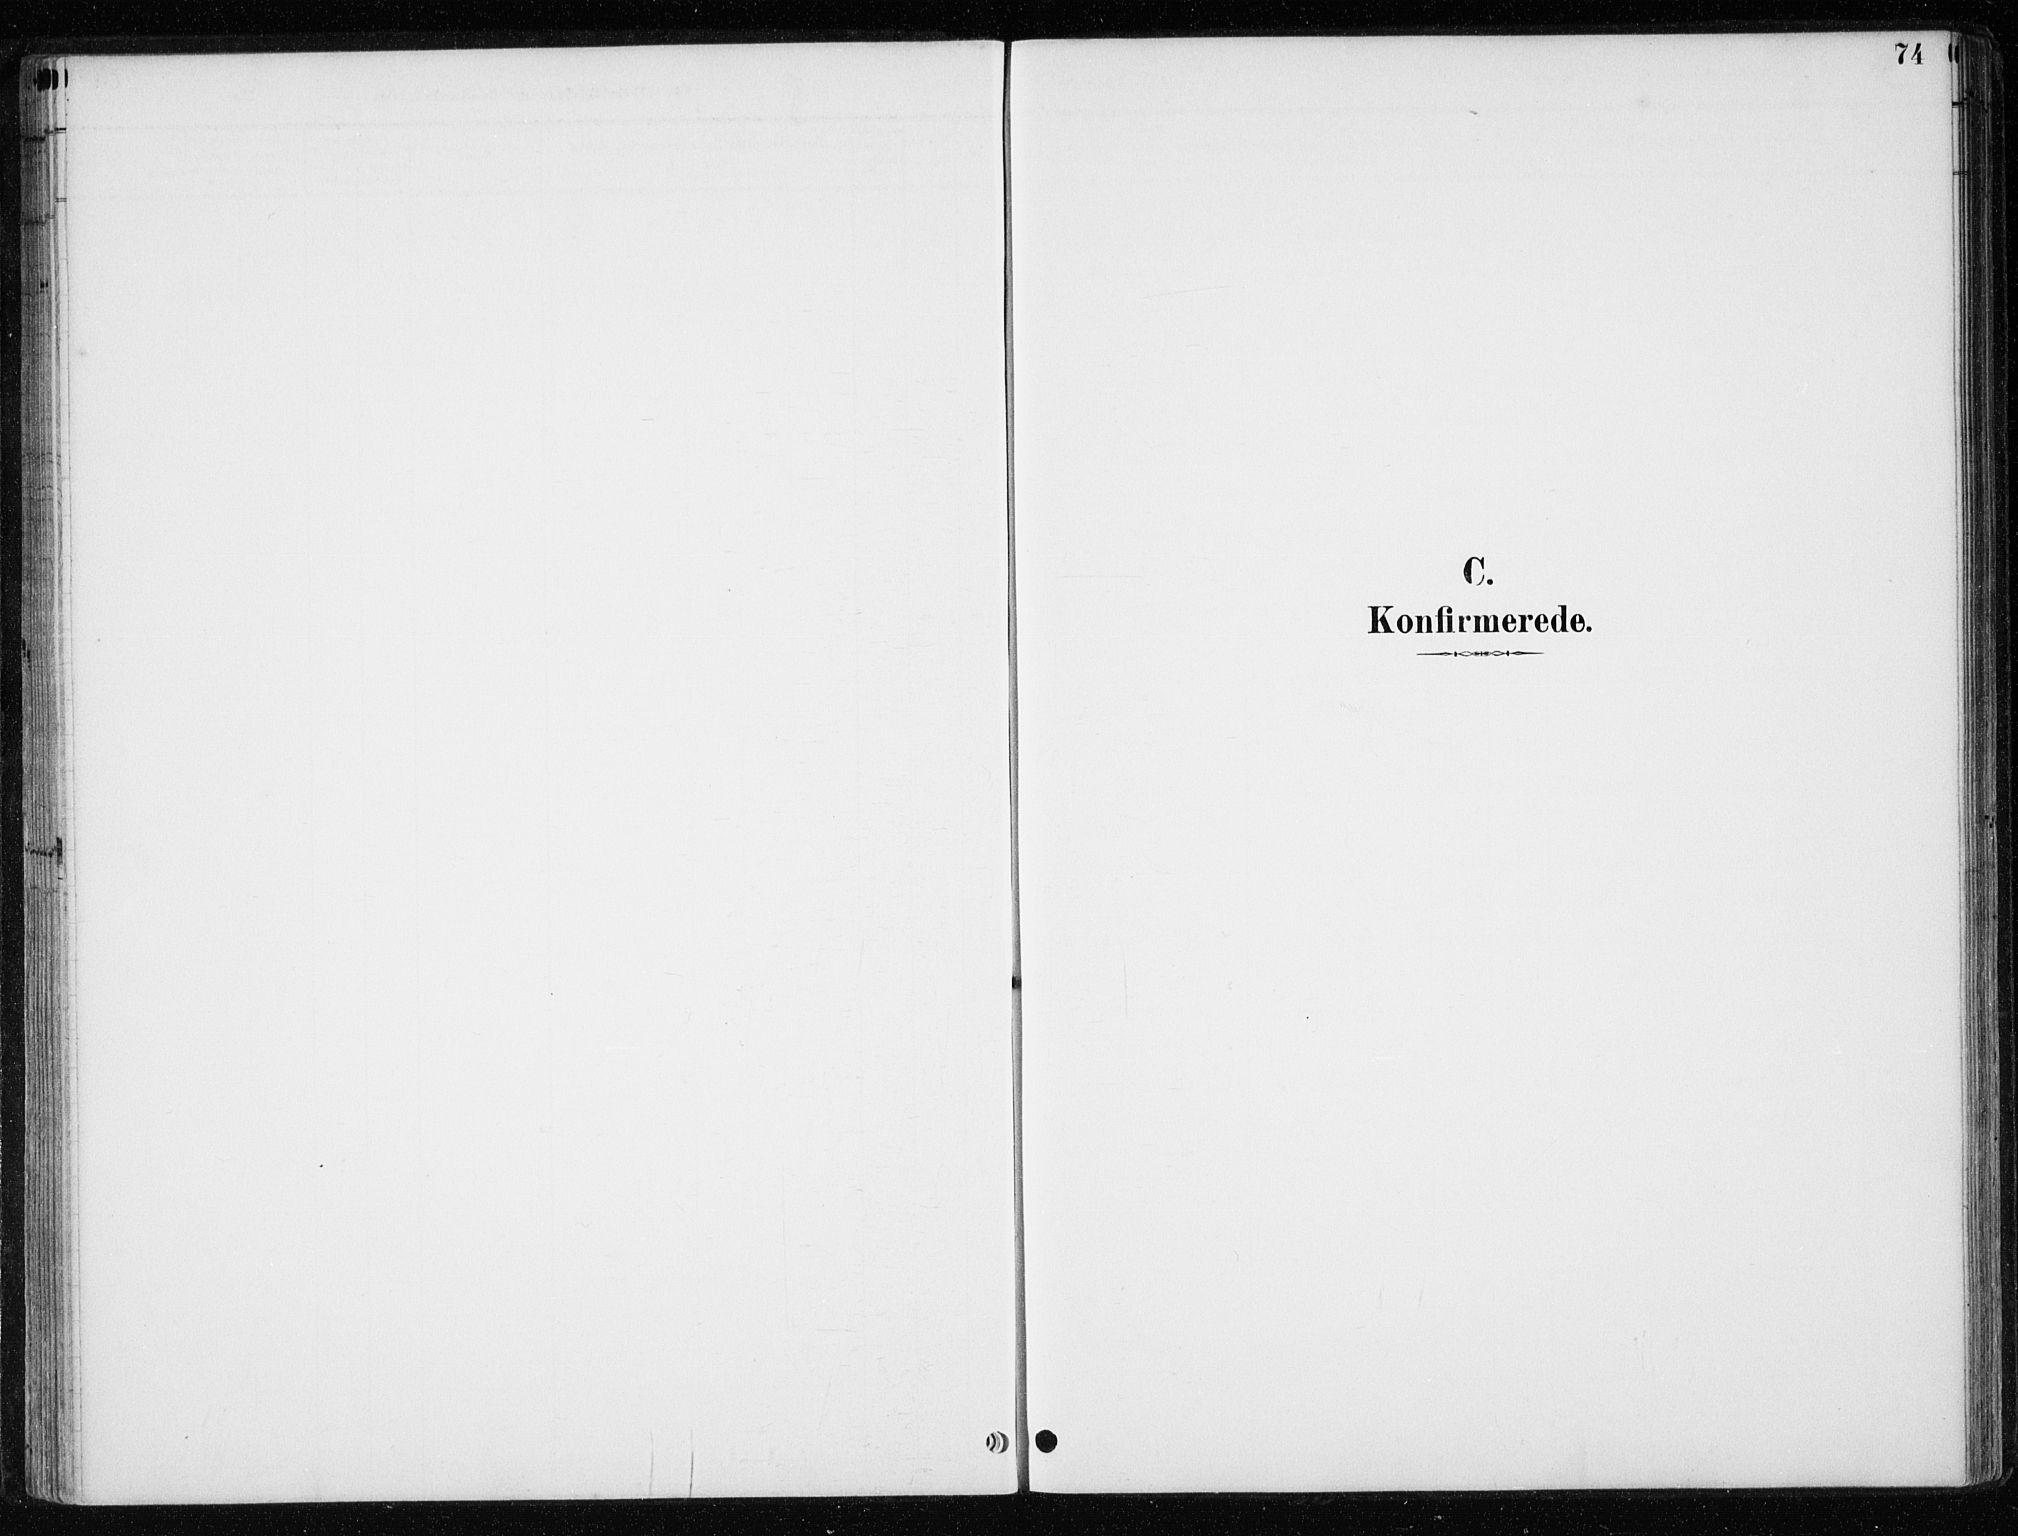 SAT, Ministerialprotokoller, klokkerbøker og fødselsregistre - Nord-Trøndelag, 710/L0096: Klokkerbok nr. 710C01, 1892-1925, s. 74